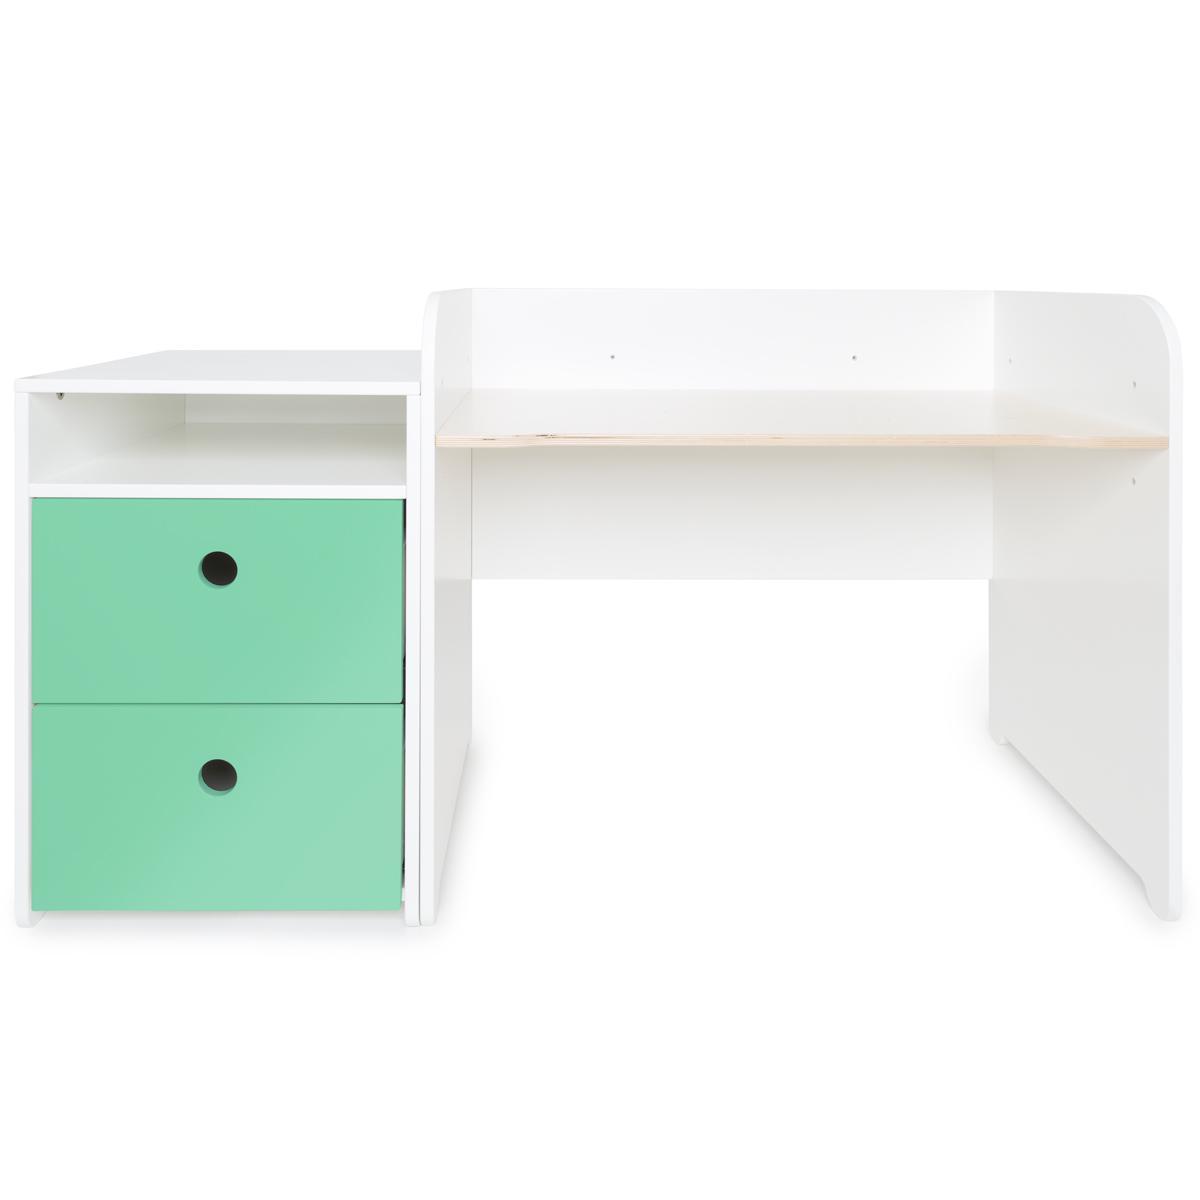 Bureau évolutif-petit meuble 2 tiroirs COLORFLEX sea foam